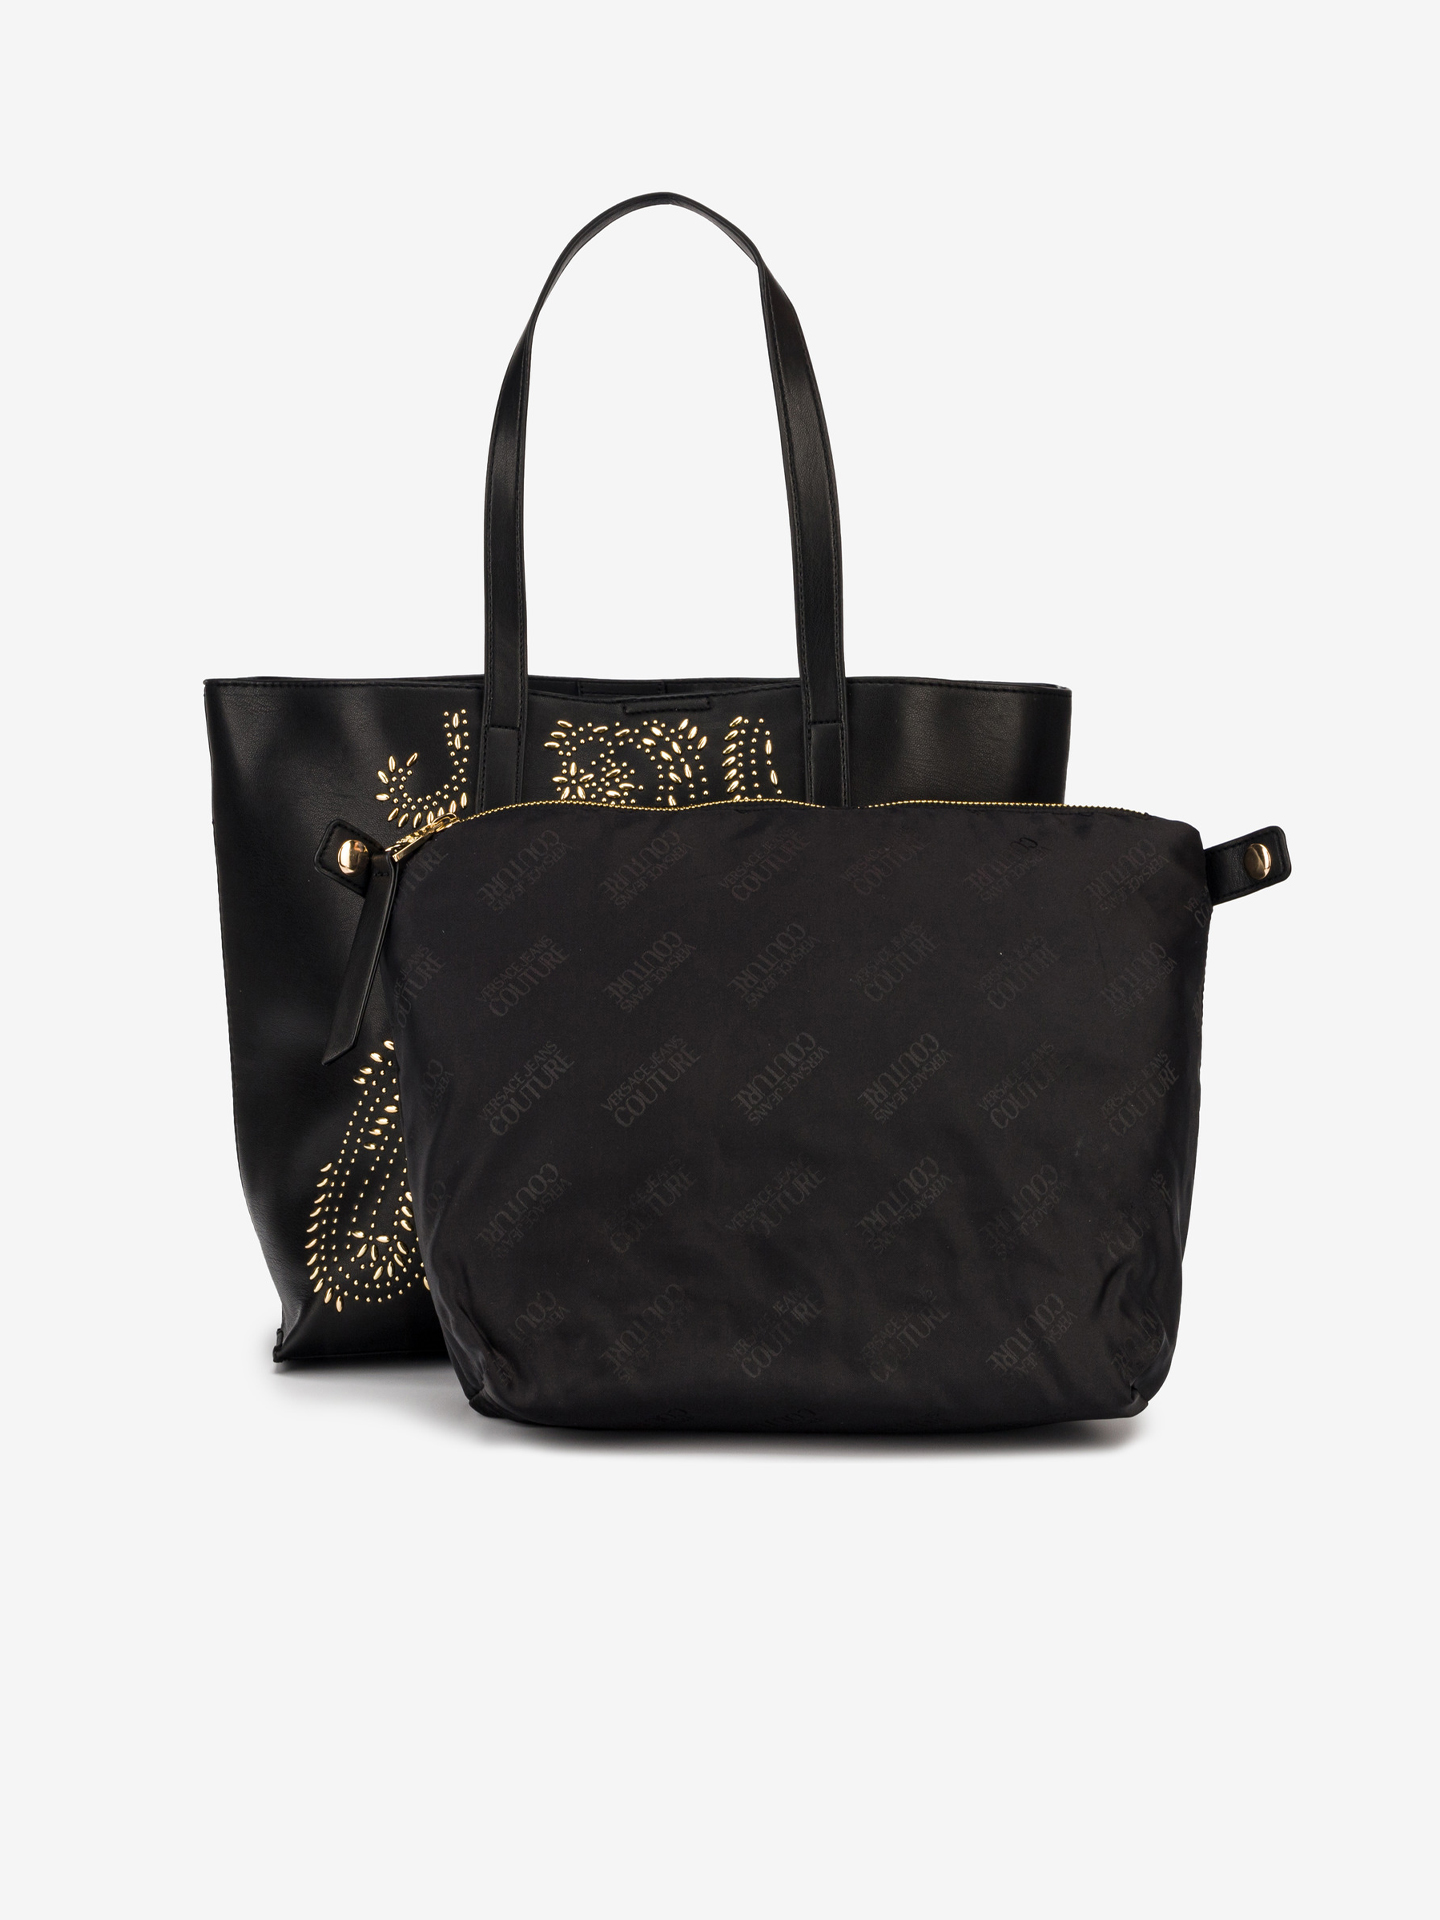 Versace Jeans Couture Handbag Black